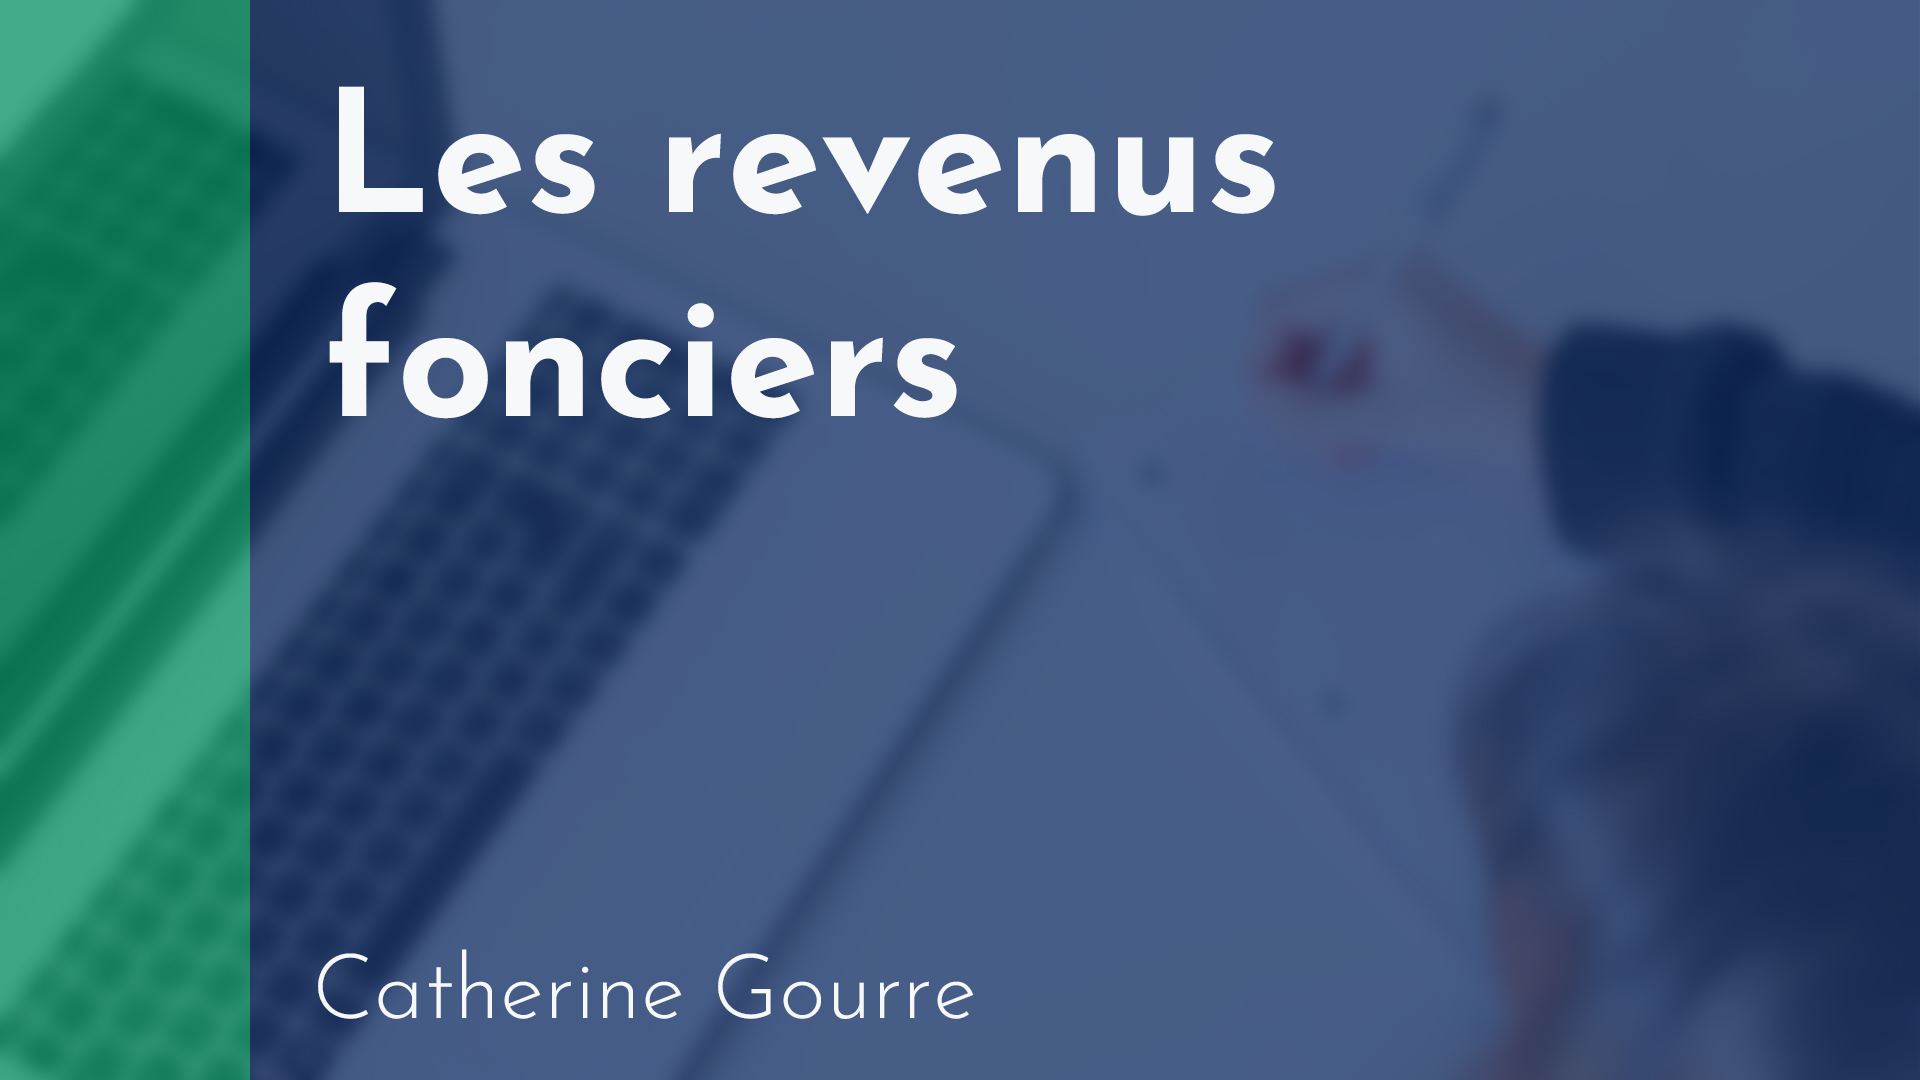 Gérance - Les revenus fonciers - Catherine Gourre